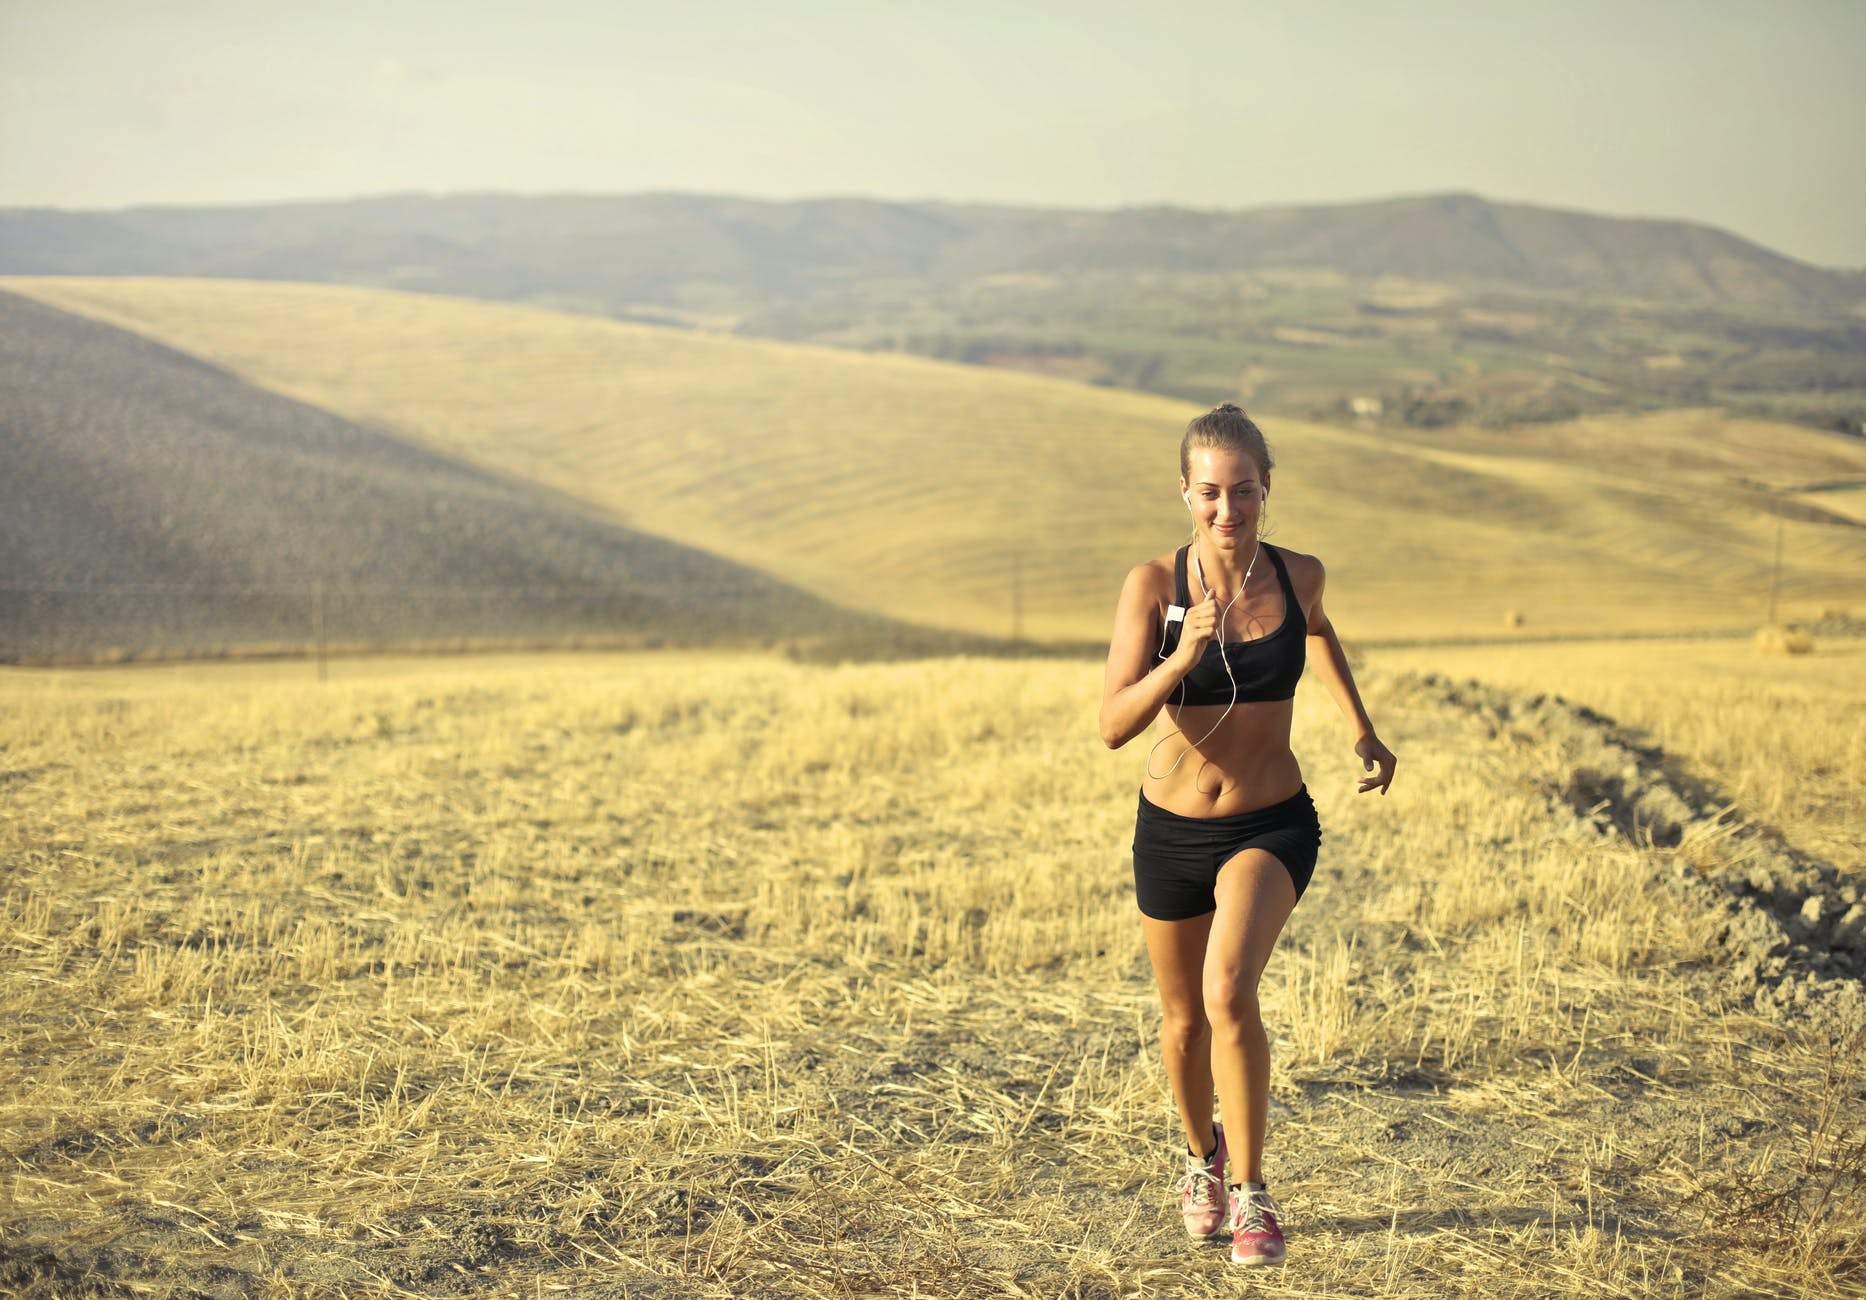 Обирайте біг, якщо хочете схуднути